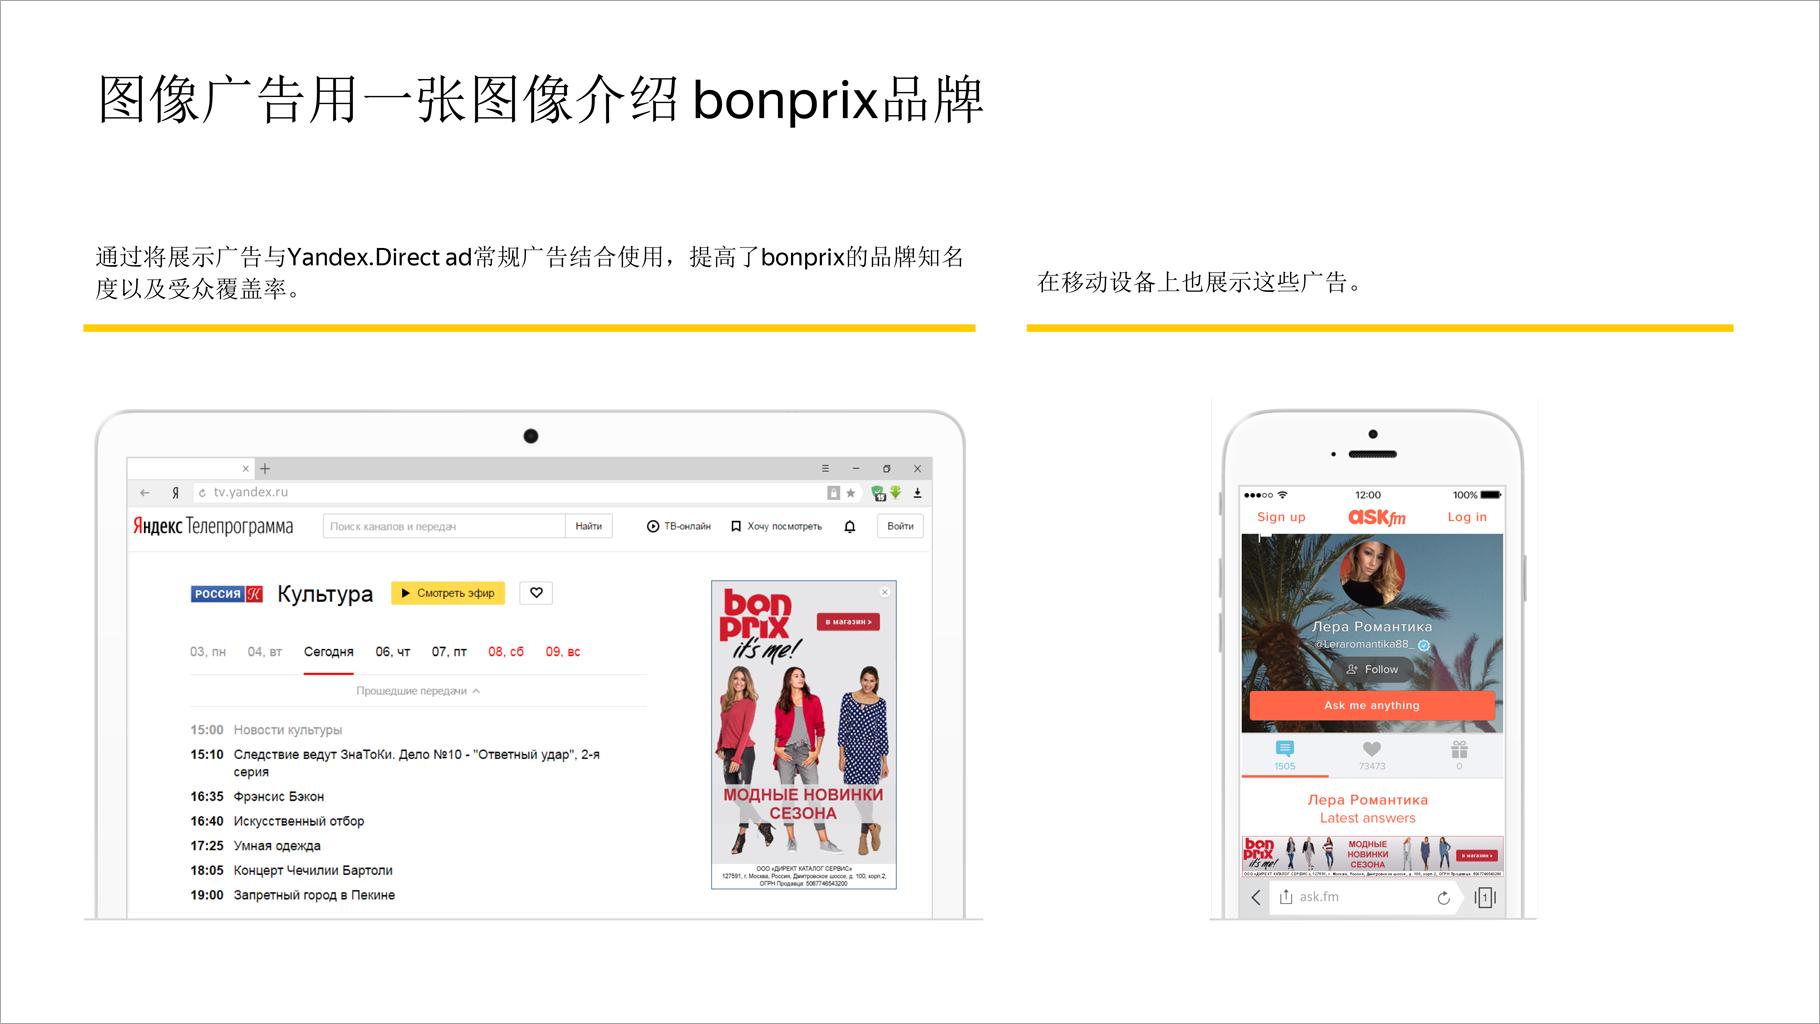 图像广告用一张图像介绍 bonprix品牌